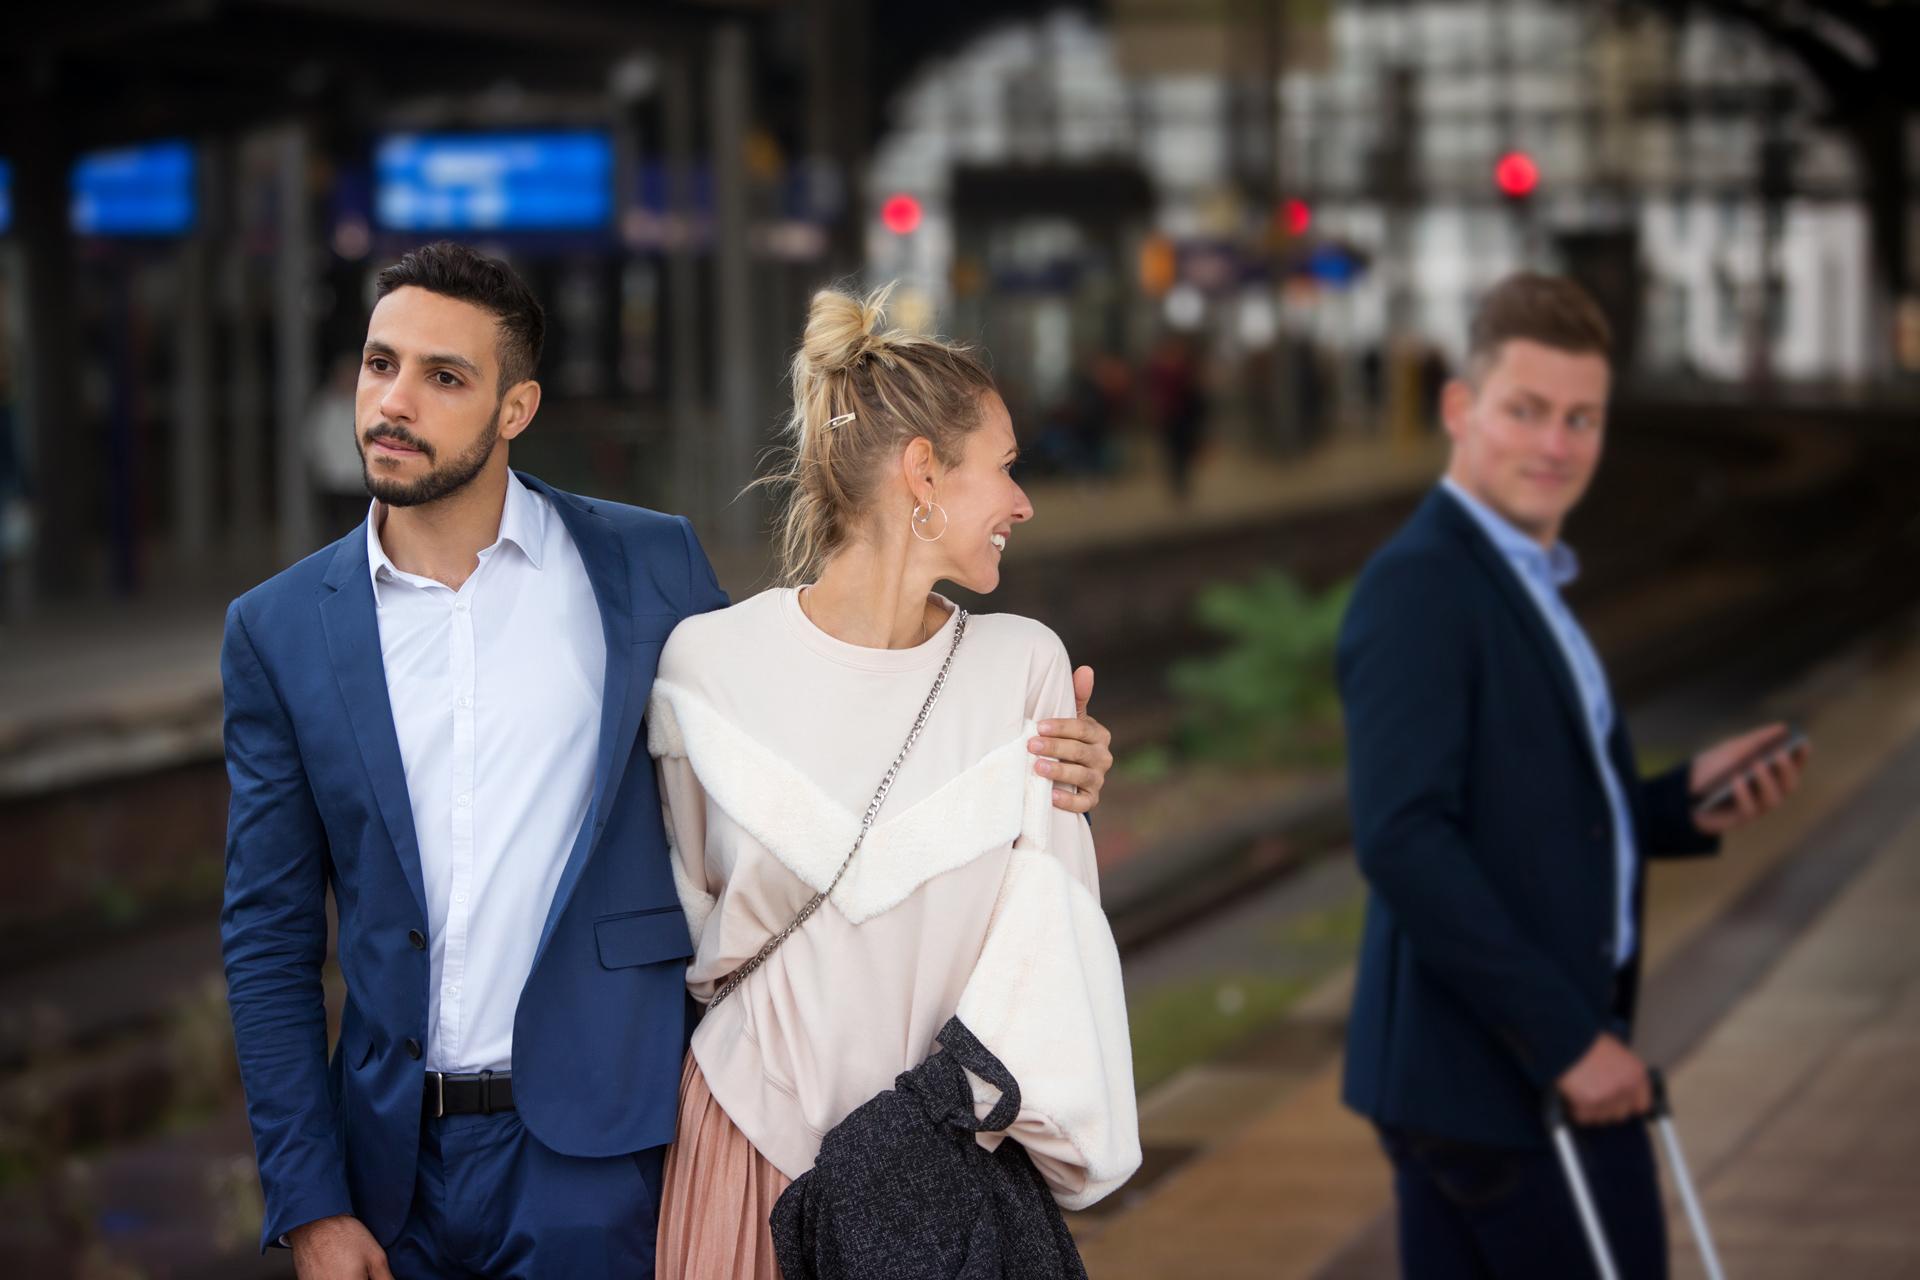 Para el infiel crónico, la infidelidad forma parte del vivir y del sentirse vivo, por lo único que cambiarían es por algo que los haya afectado profundamente (Getty Images)